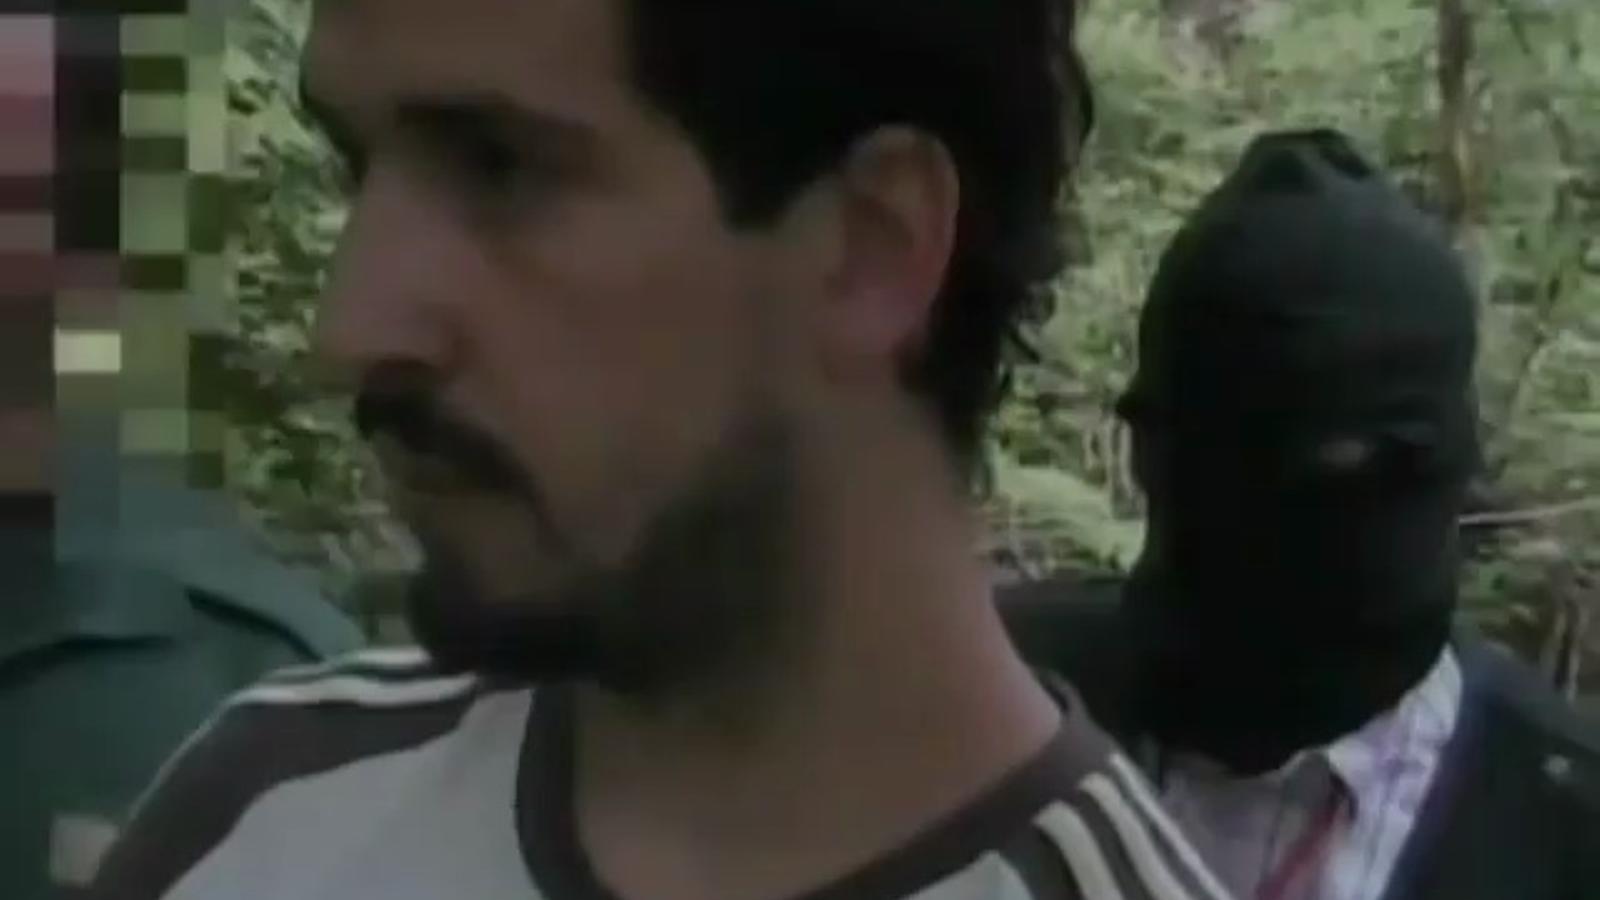 L'Audiència Nacional exhibeix el vídeo d'una confessió d'un etarra a Garzón en un bosc